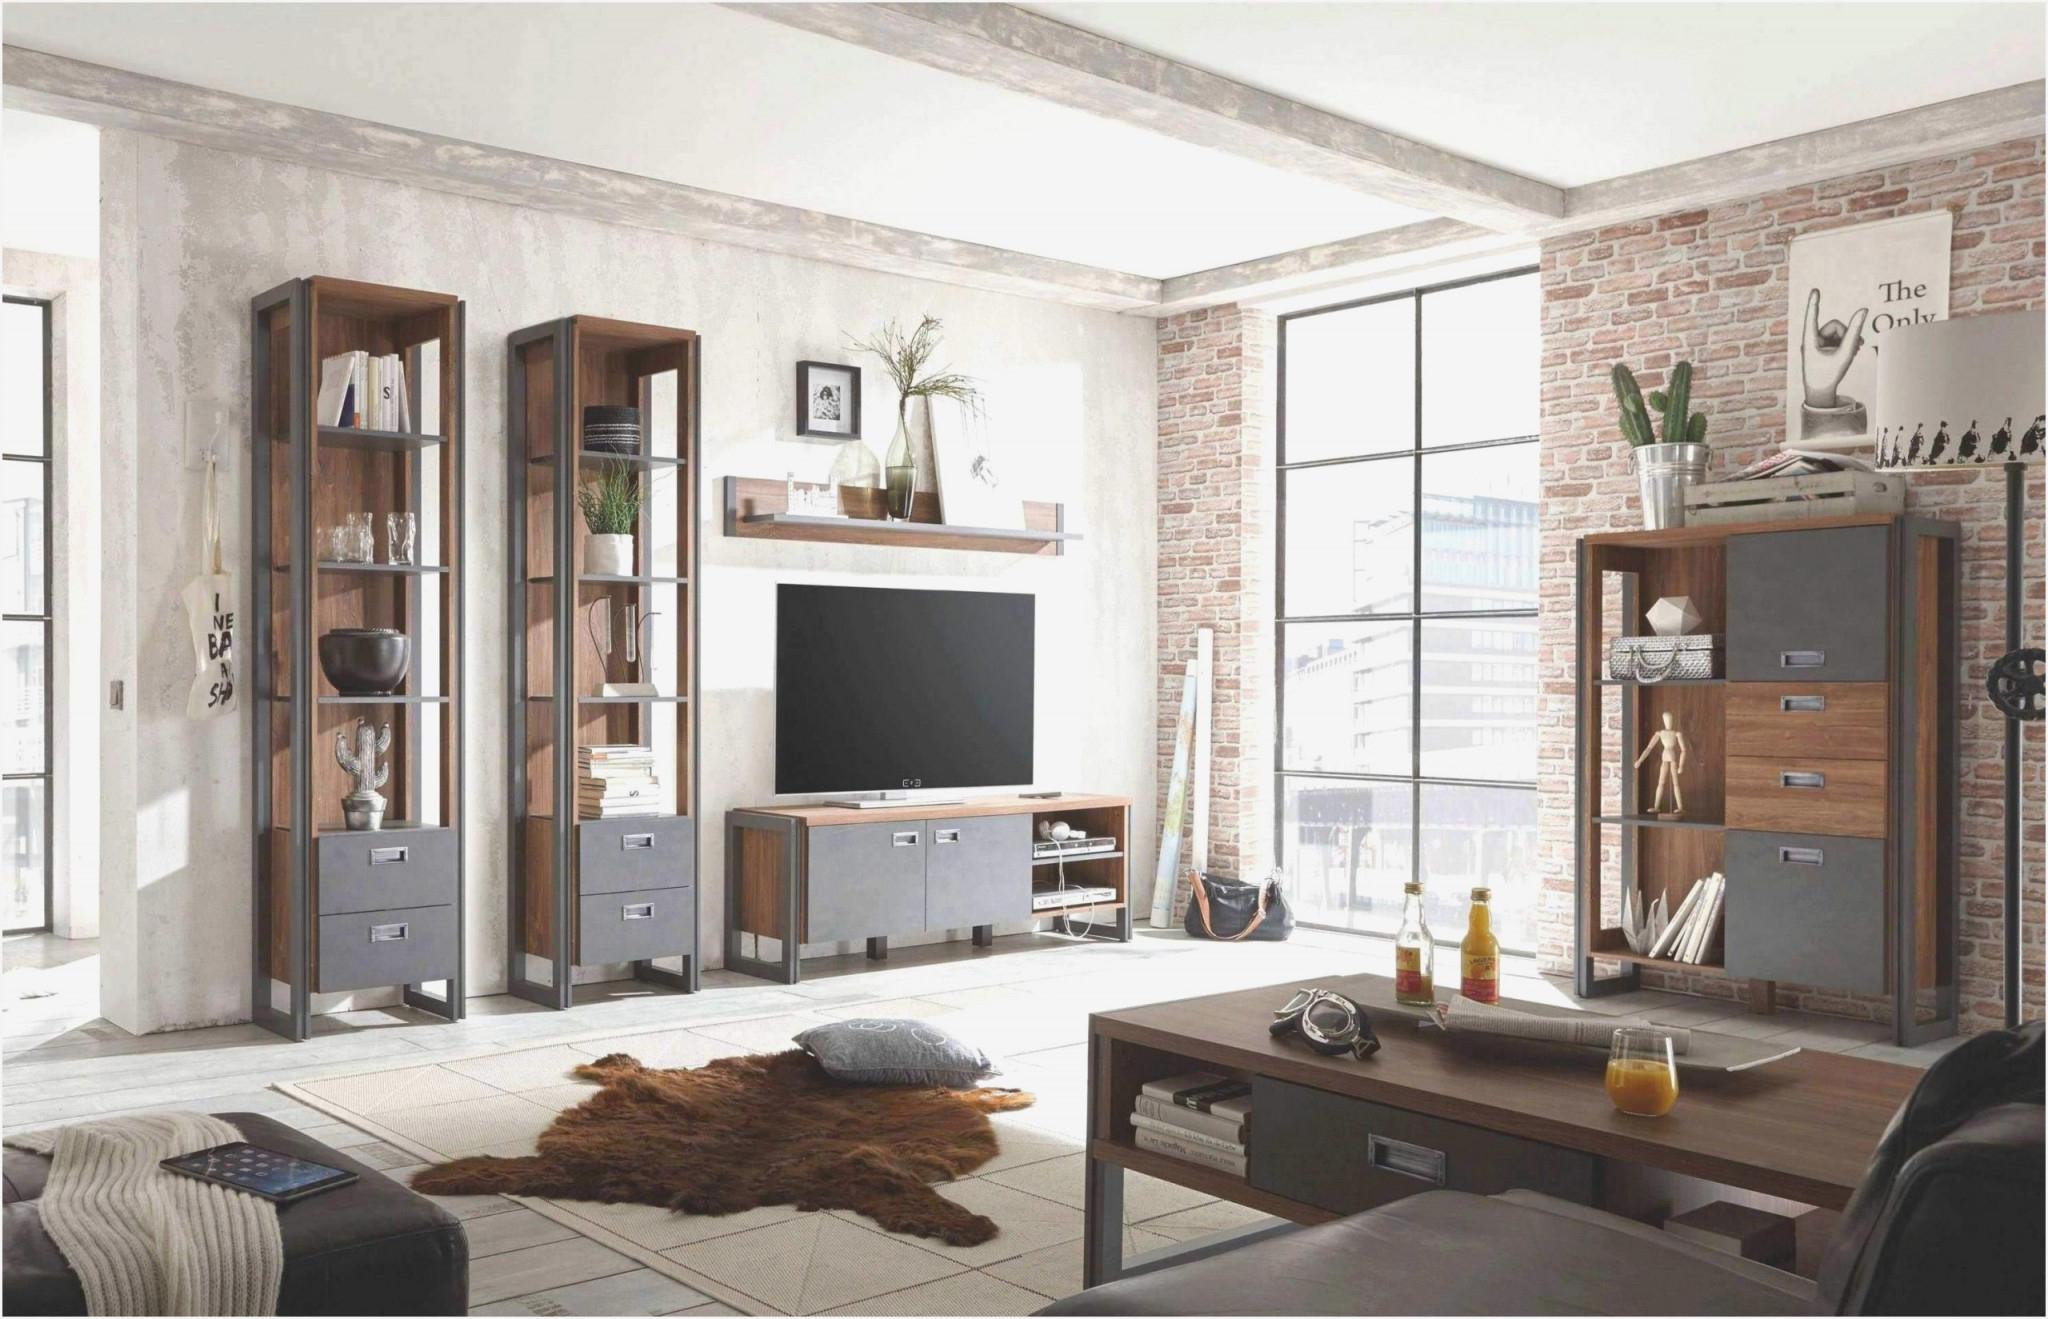 Kleines Wohnzimmer Einrichten Edel  Wohnzimmer  Traumhaus von Wohnzimmer Edel Einrichten Photo